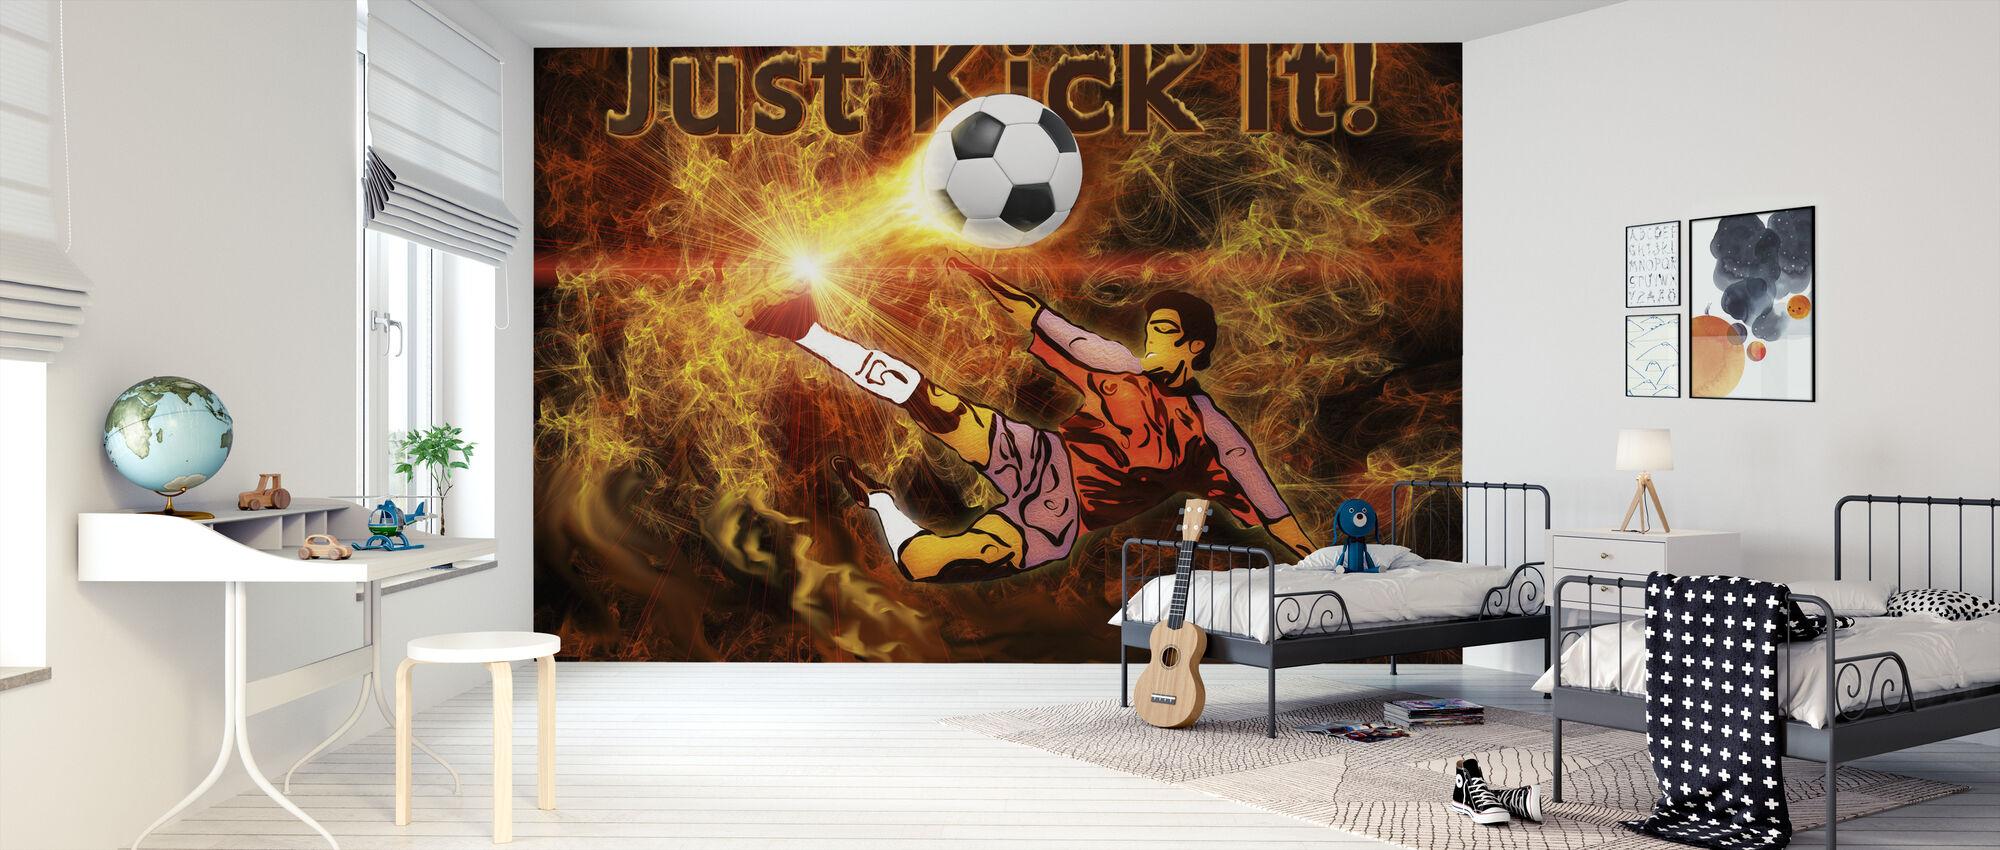 Soccer Heat – Eine Fototapete für jeden Raum – Photowall